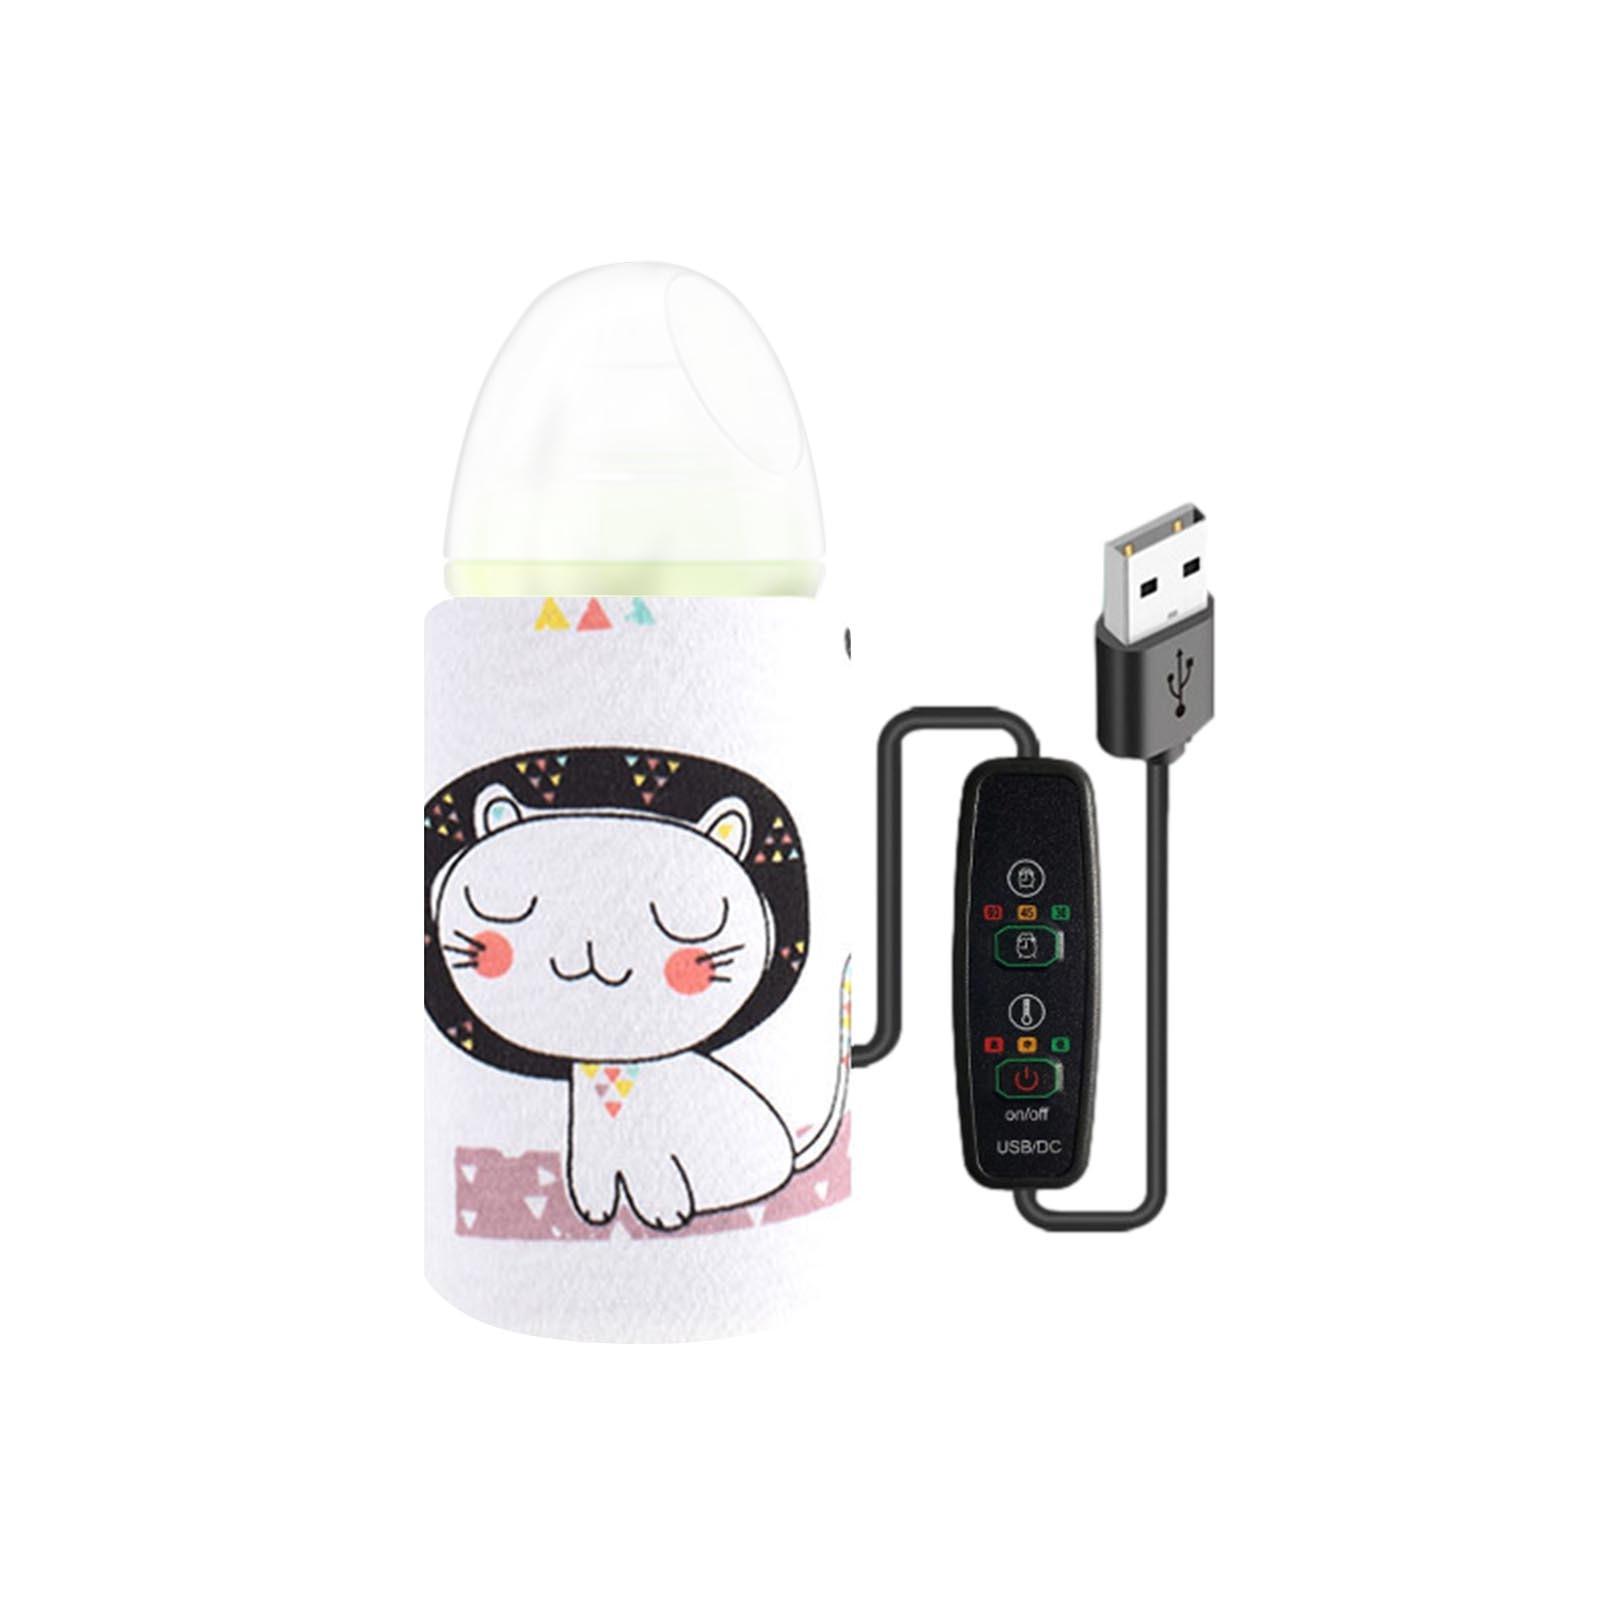 USB-подогреватель для бутылок 40C-55 C, портативный подогреватель для детских бутылок с молоком, многоразовый подогреваемый чехол с постоянным ...